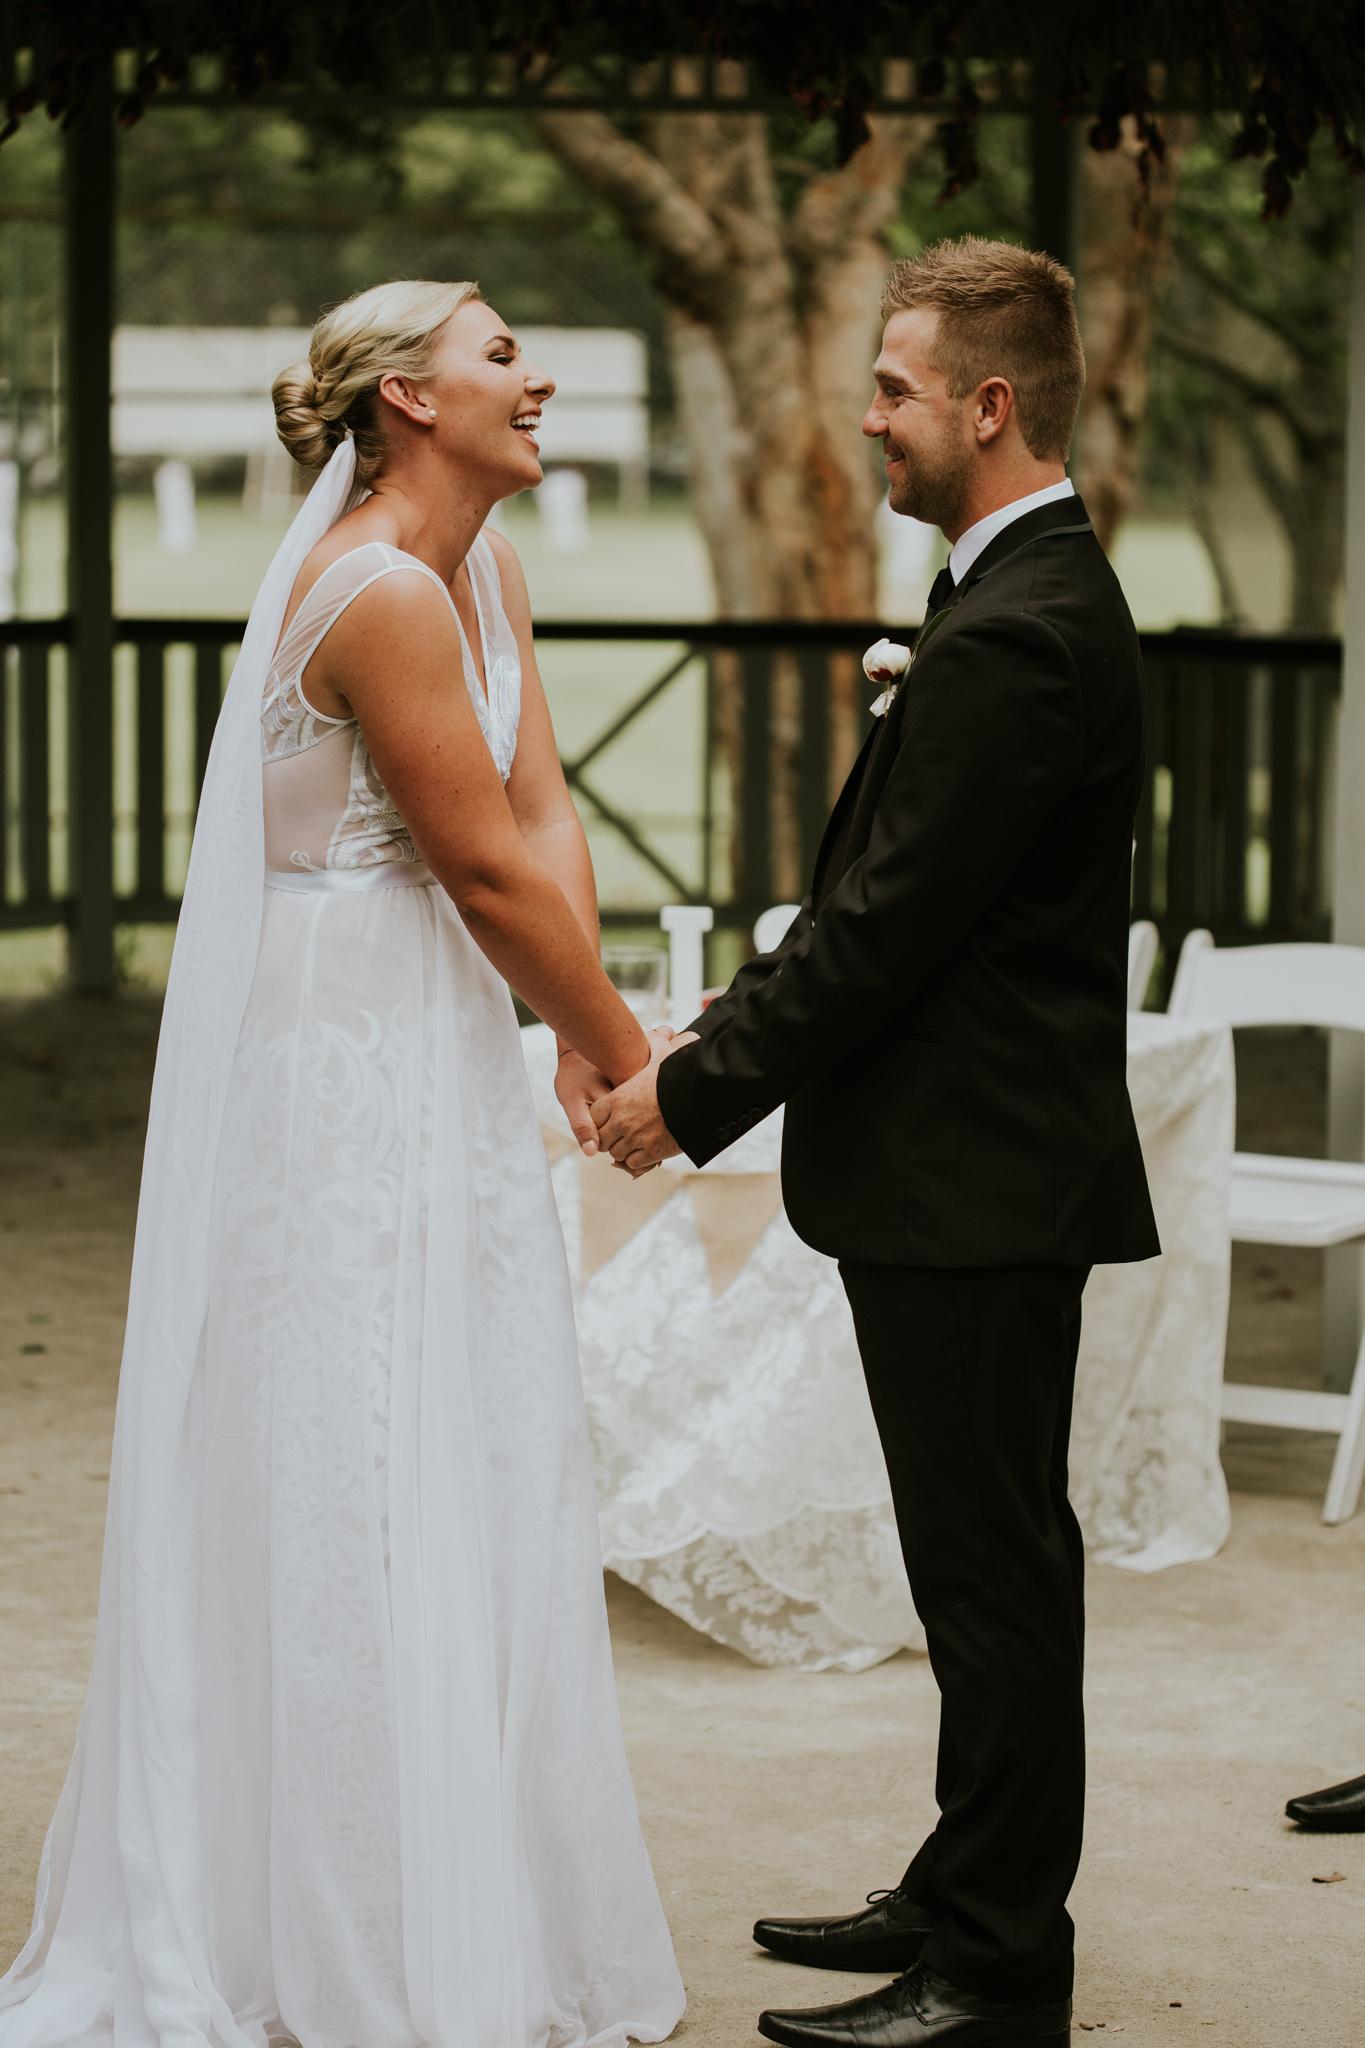 Lucy+Kyle+Kiama+Sebel+wedding-75.jpg